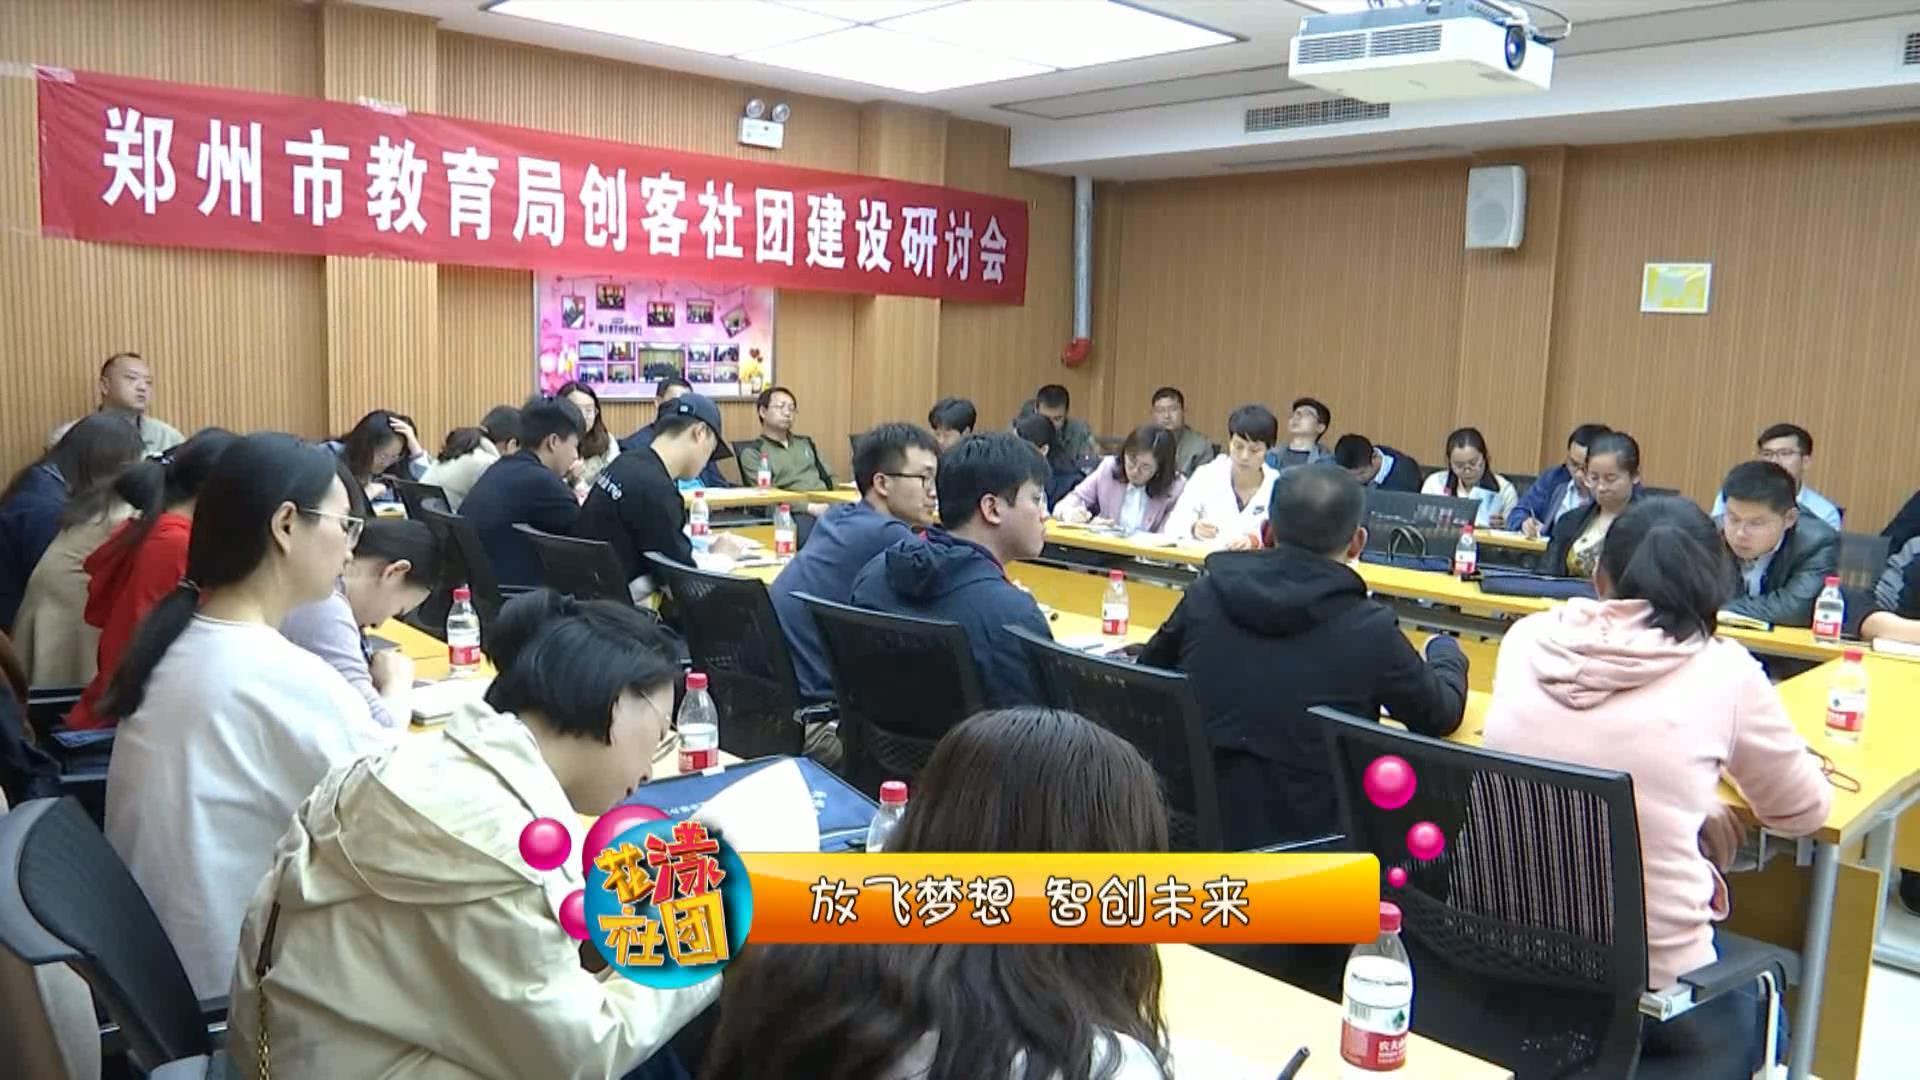 花漾社团--郑州45中  放飞梦想 智创未来